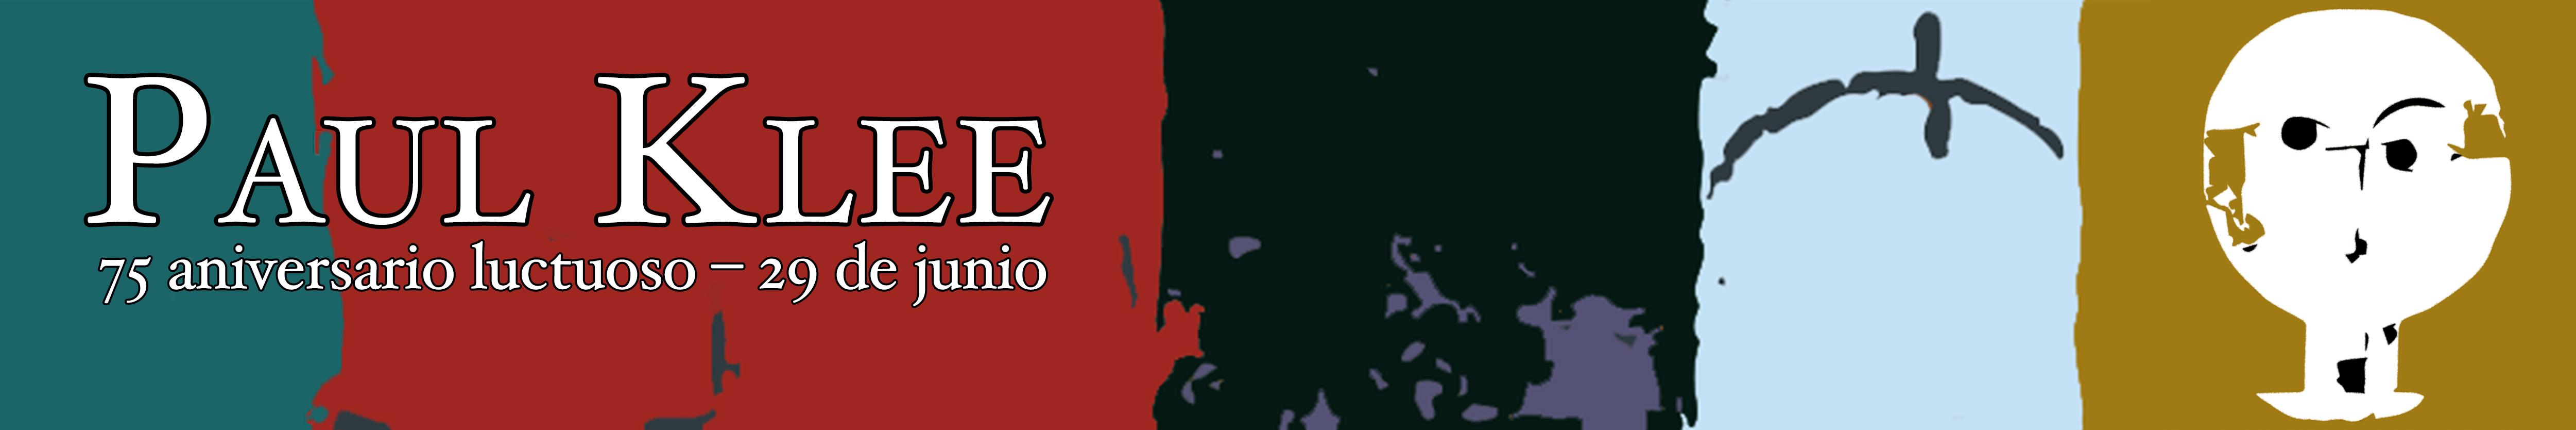 La pintura de Klee es geométrica y colorida, en este artículo conoce más de su obra.